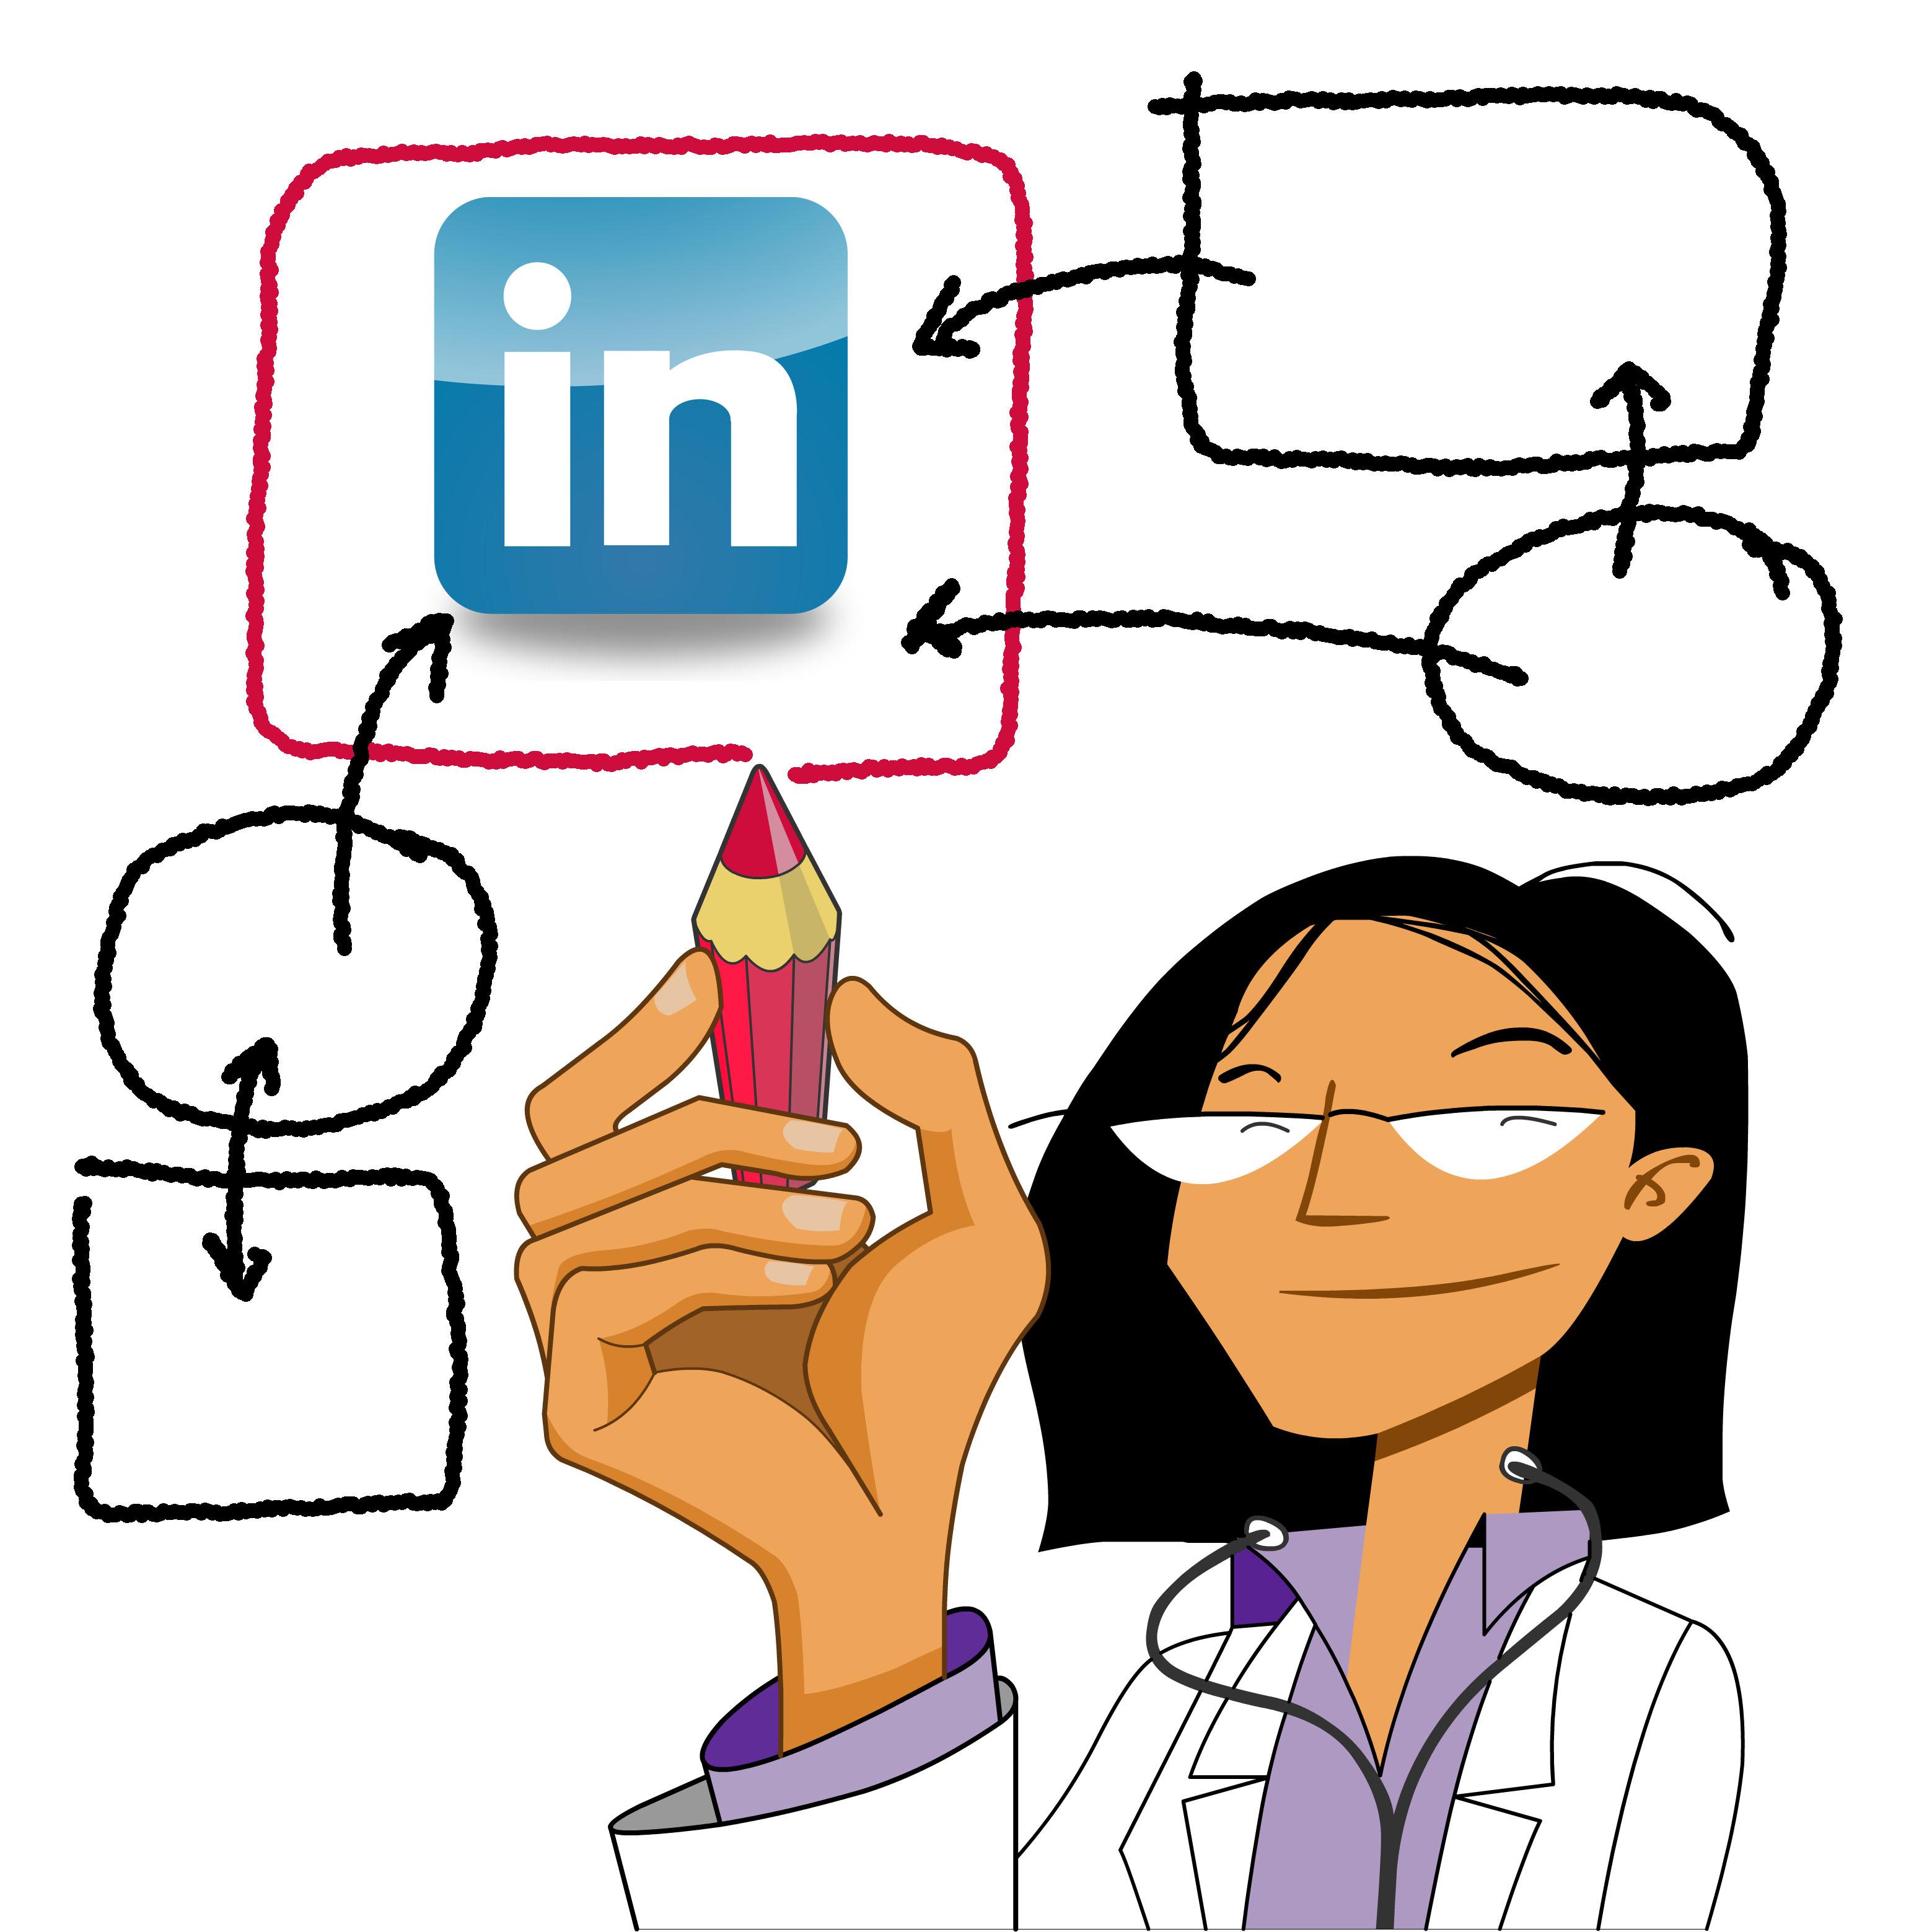 Aplicaciones profesionales de LinkedIn en medicina - Sociedad Española de Cardiología